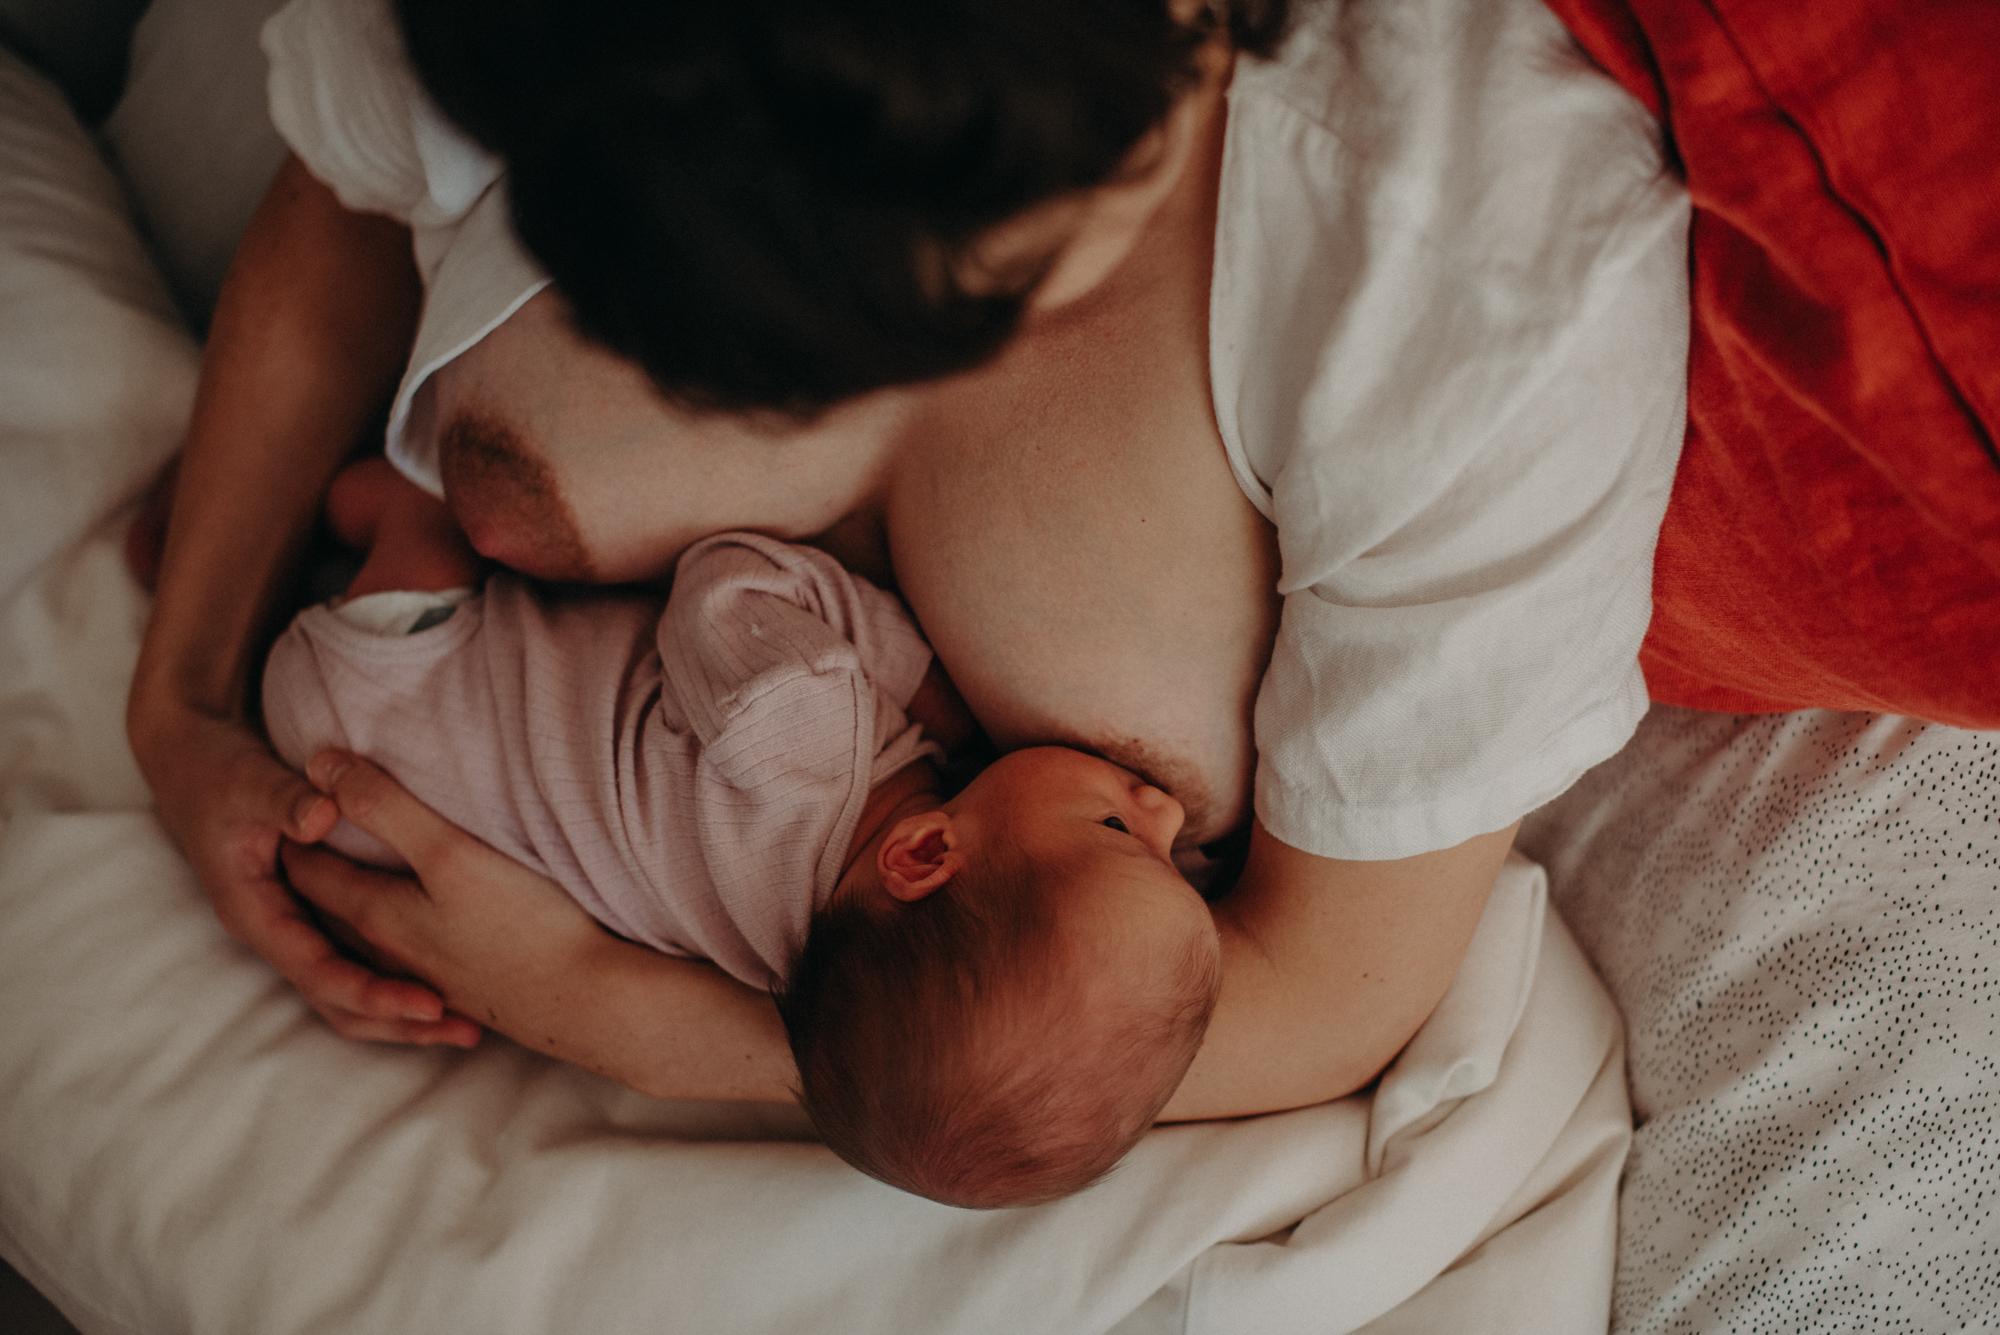 Mutter stillt Neugeborenes, Blogpost Babyfotoshooting selber machen, Fotografin Freiburg